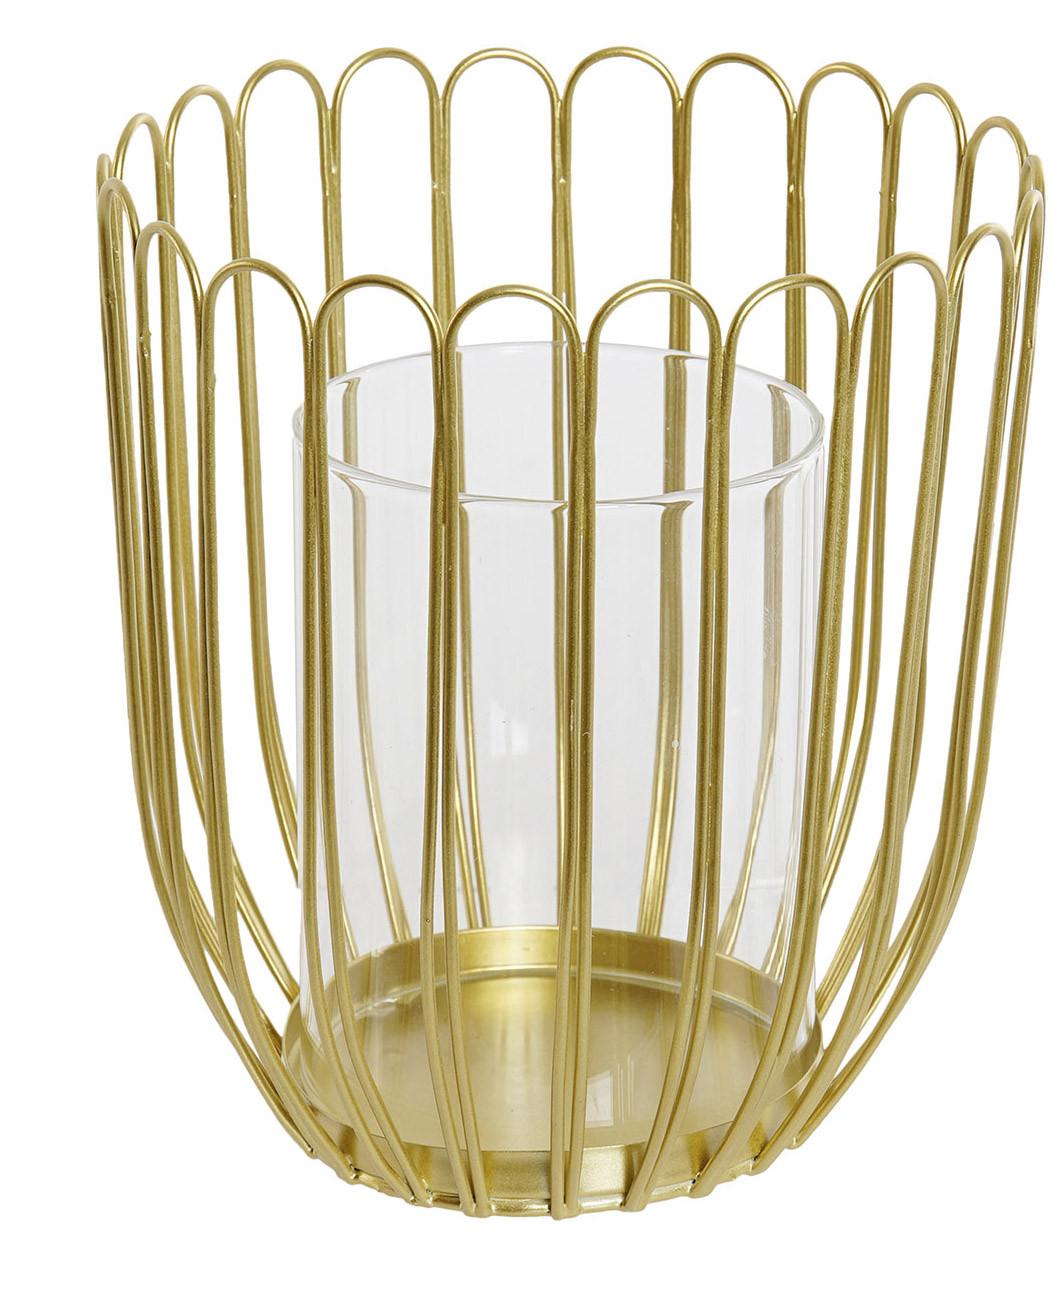 Porta velas de Cristal con Estructura Metálica, Porta velas Decorativo Dorado. Soporte Brillante para Vela  12X14,5 cm